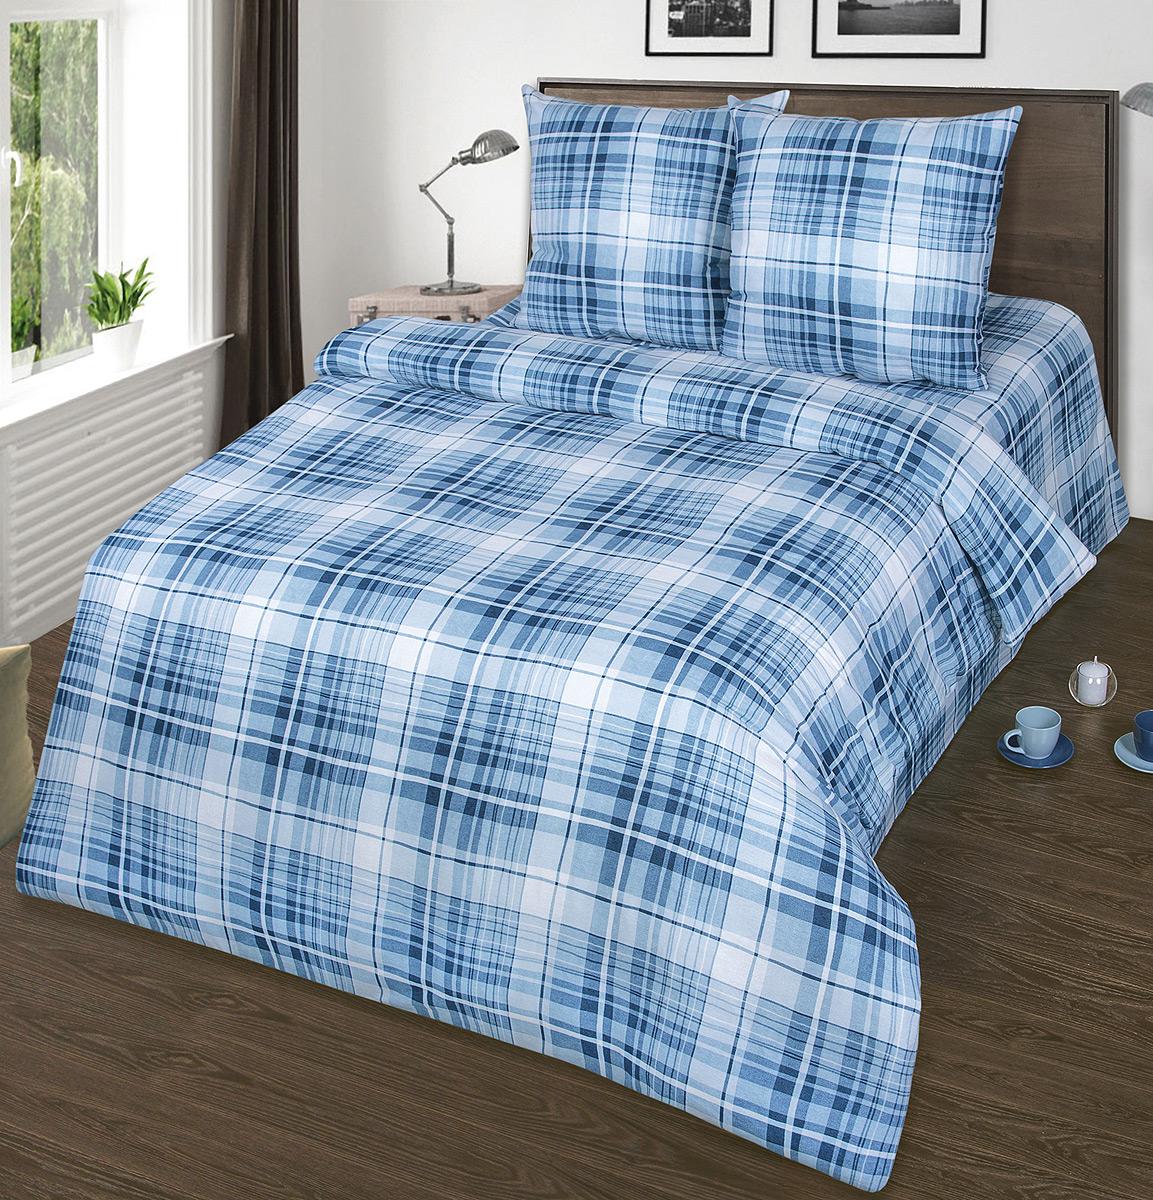 Комплект белья Шоколад Сеньор, 2-спальный, наволочки 70x70. Б104Б104Комплект постельного белья Шоколад Сеньор является экологически безопасным для всей семьи, так как выполнен из натурального хлопка. Комплект состоит из пододеяльника, простыни и двух наволочек. Постельное белье оформлено оригинальным рисунком и имеет изысканный внешний вид. Бязь - это ткань полотняного переплетения, изготовленная из экологически чистого и натурального 100% хлопка. Она прочная, мягкая, обладает низкой сминаемостью, легко стирается и хорошо гладится. Бязь прекрасно пропускает воздух и за ней легко ухаживать. При соблюдении рекомендуемых условий стирки, сушки и глажения ткань имеет усадку по ГОСТу, сохранятся яркость текстильных рисунков. Приобретая комплект постельного белья Шоколад Сеньор, вы можете быть уверены в том, что покупка доставит вам и вашим близким удовольствие и подарит максимальный комфорт.